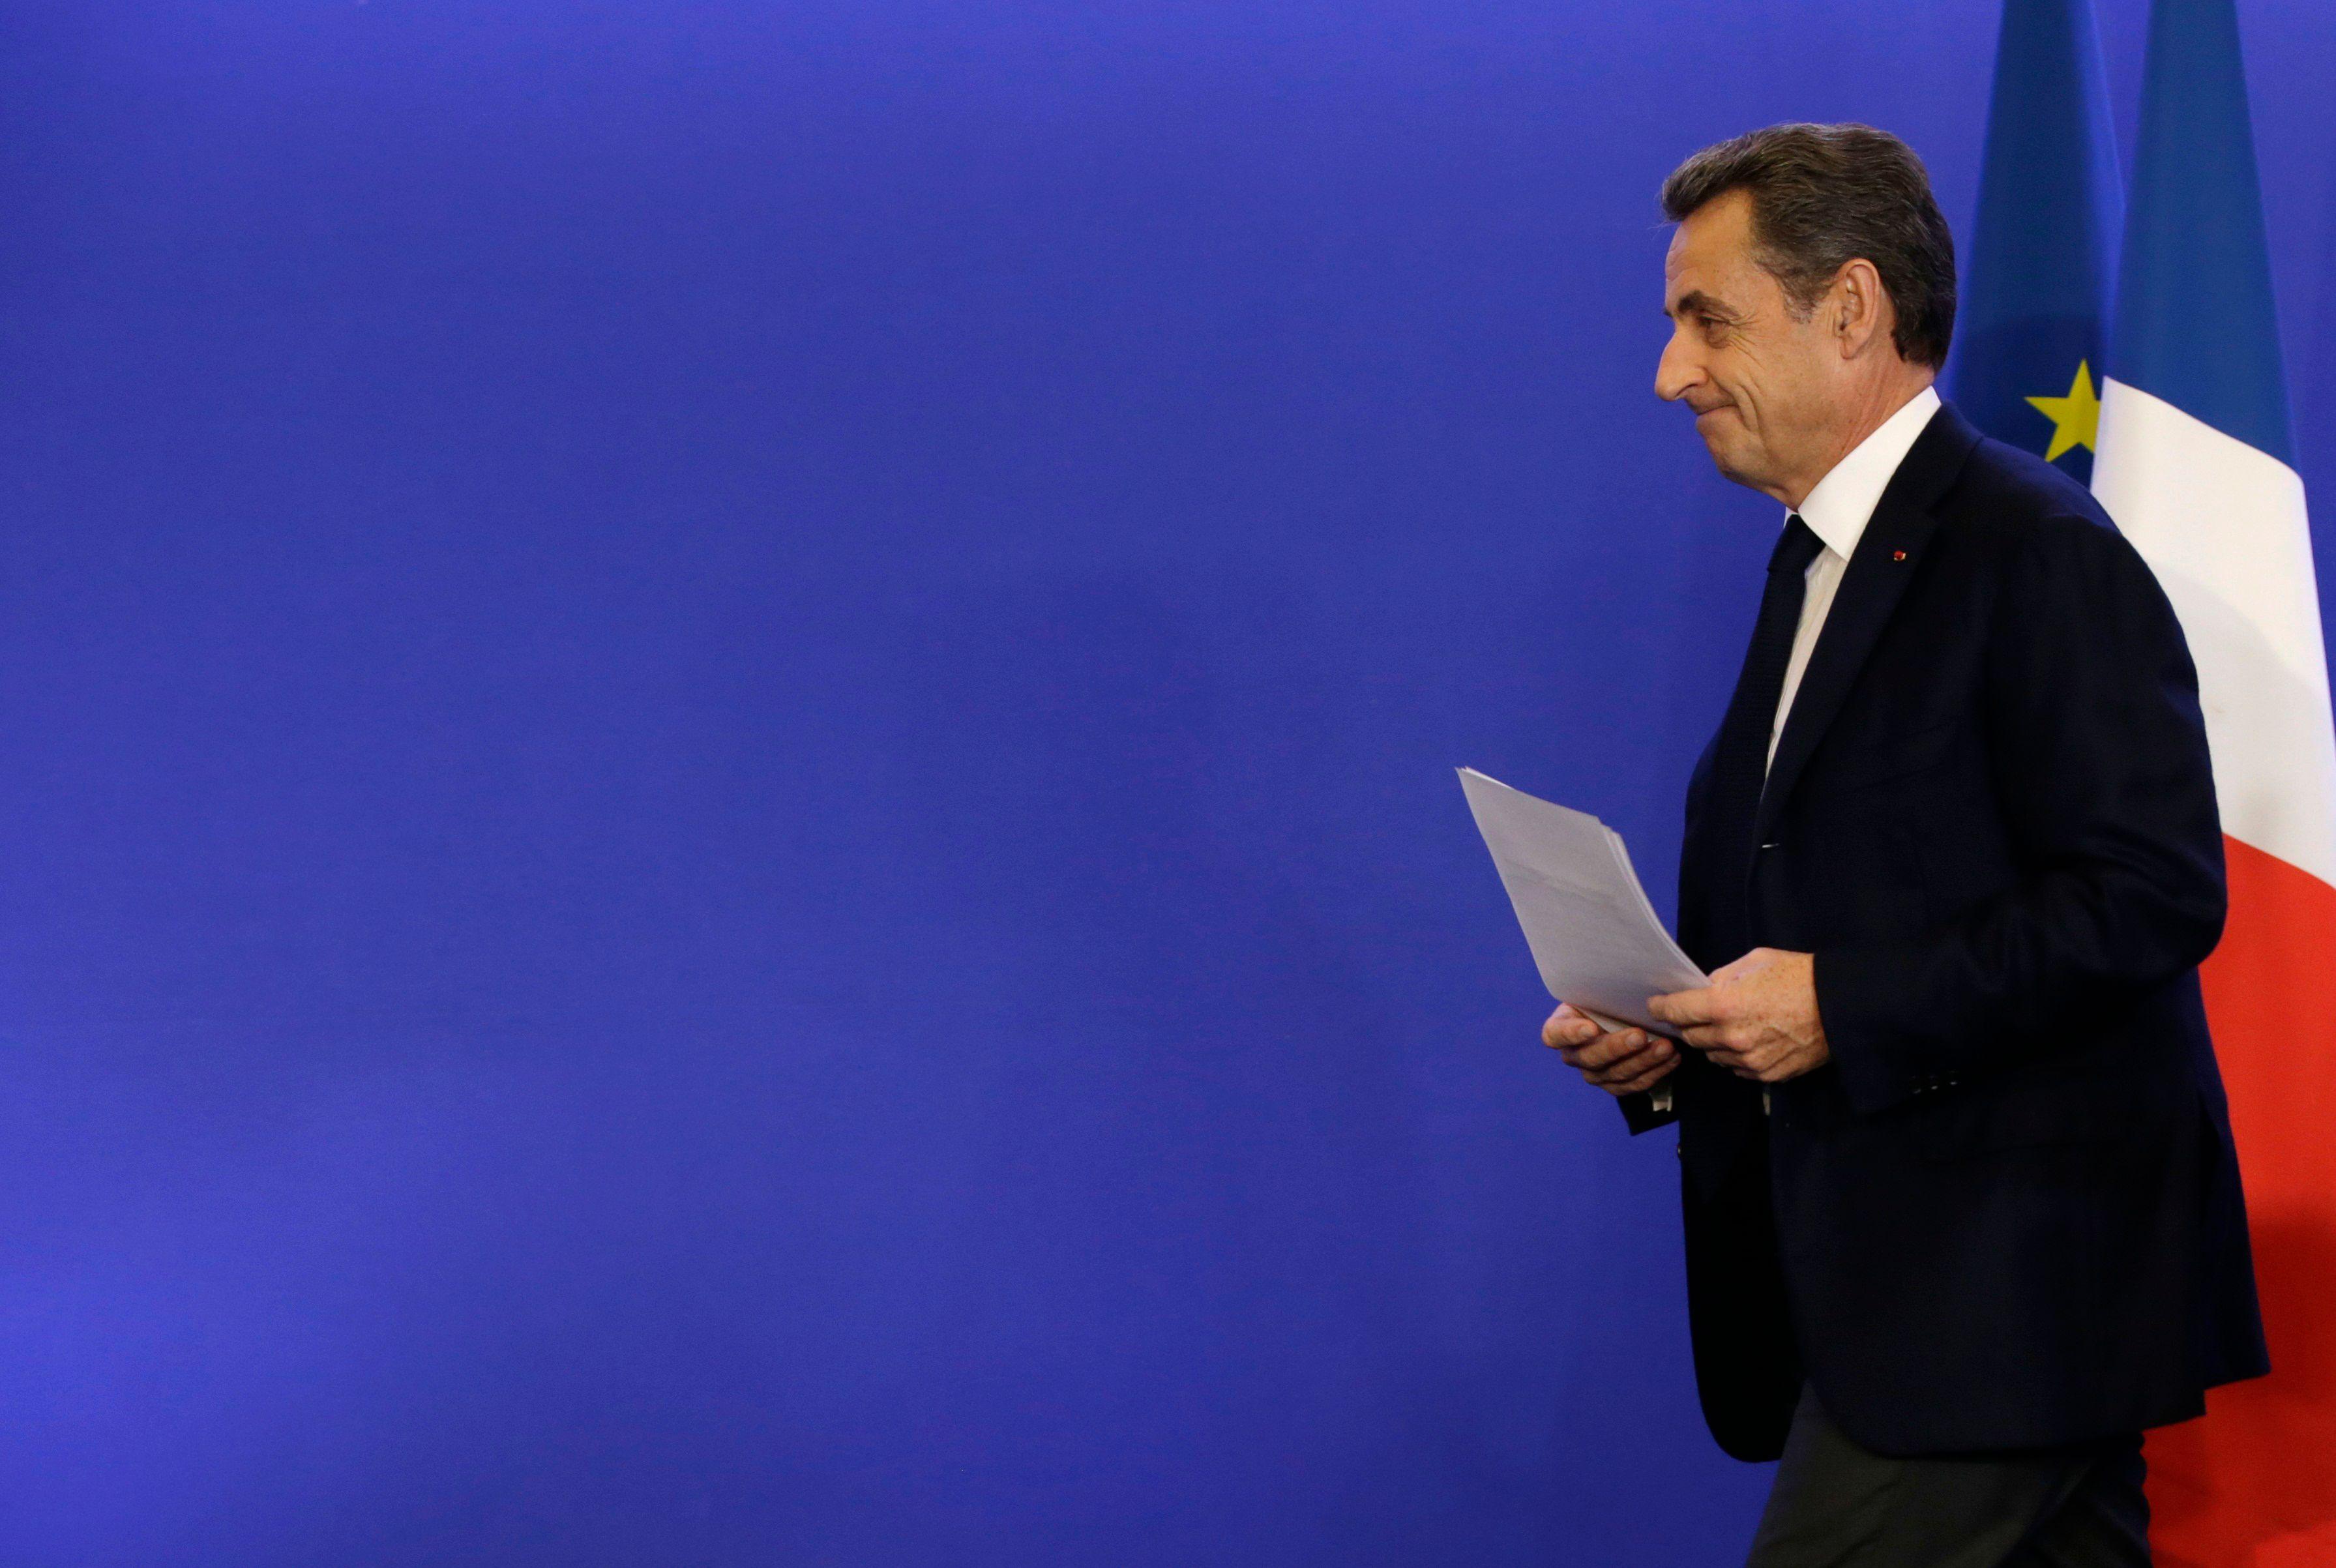 """""""La France pour la vie"""" : 73% des Français assurent que le livre de Nicolas Sarkozy ne changera pas l'opinion qu'ils ont sur lui"""